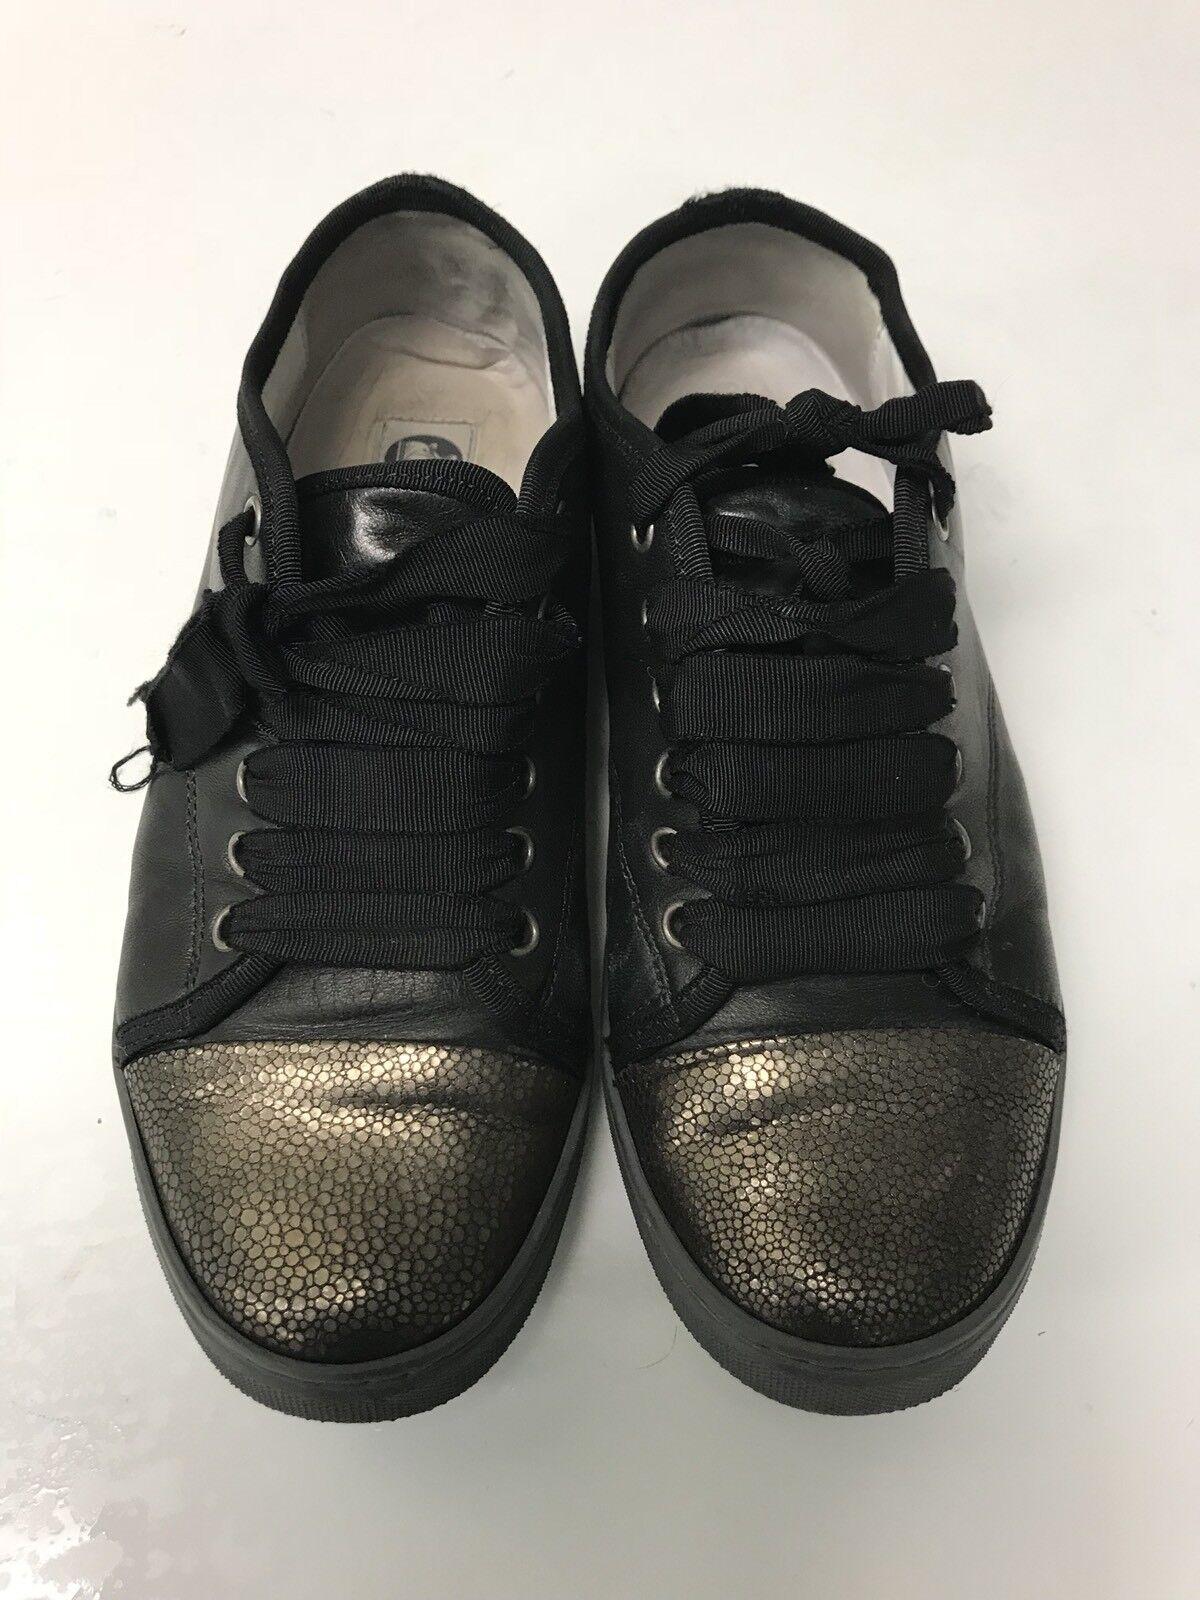 Lanvin Marrón Oscuro captoe para mujer Zapatillas tamaño nos 8 Low Top zapatos